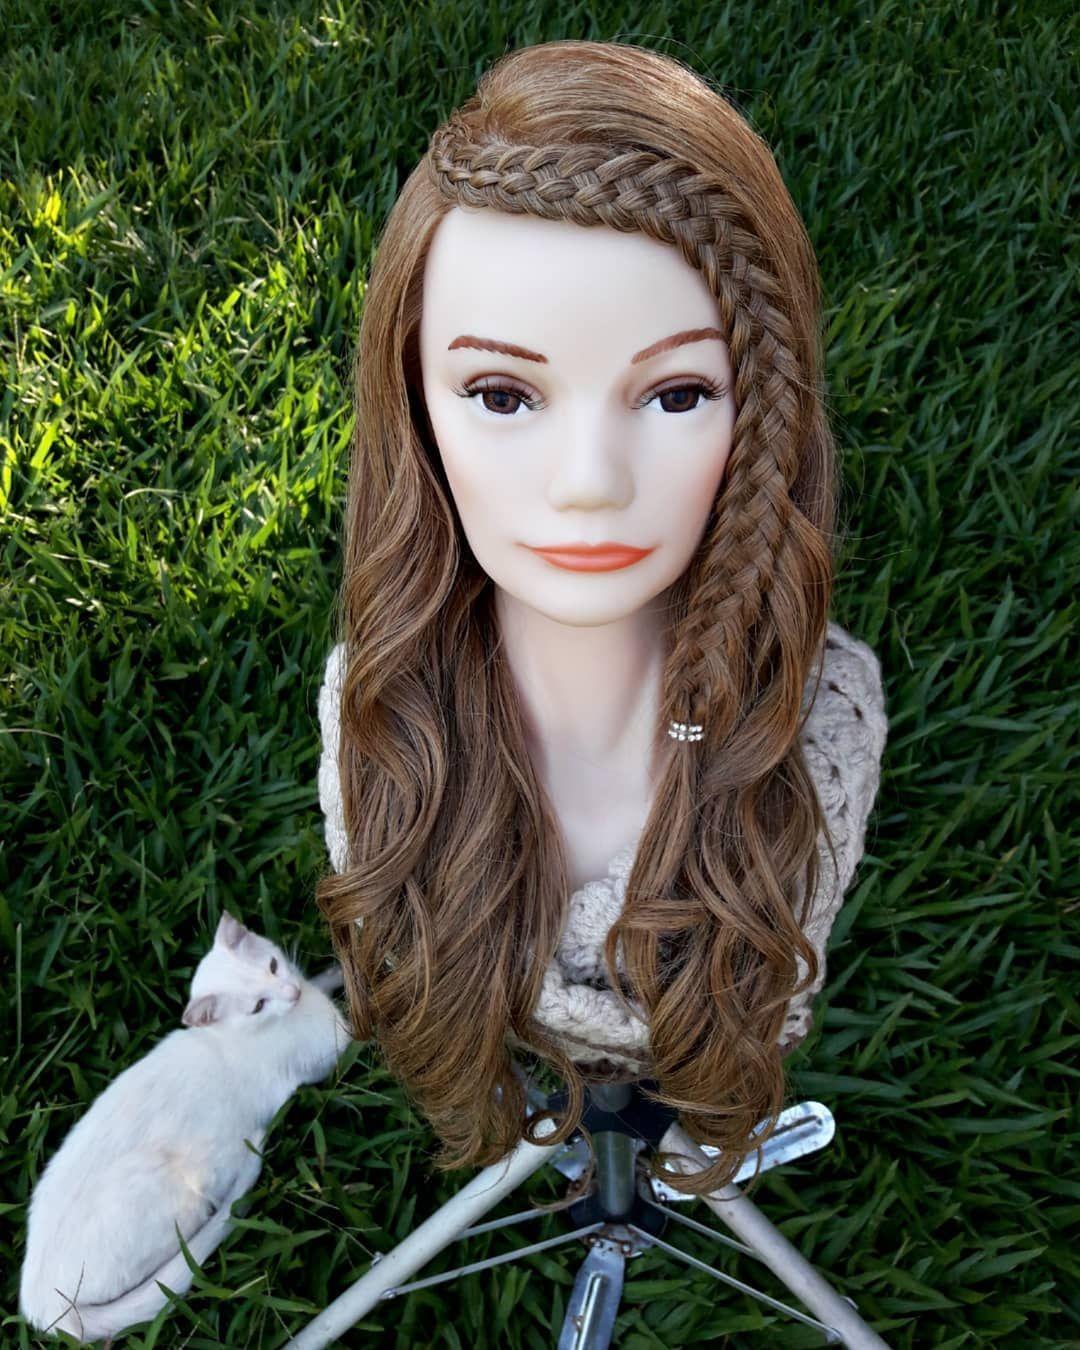 """Monik On Instagram: """"Hola Chicas🙌 Les Presento Mi Estilo Del Día Una Trenza De 5😍😍 El Modelo Es Inspirado En Brianasbraids 💖💖 Tambien Nos Unimos A Un Twin De…"""" - Hair Beauty"""